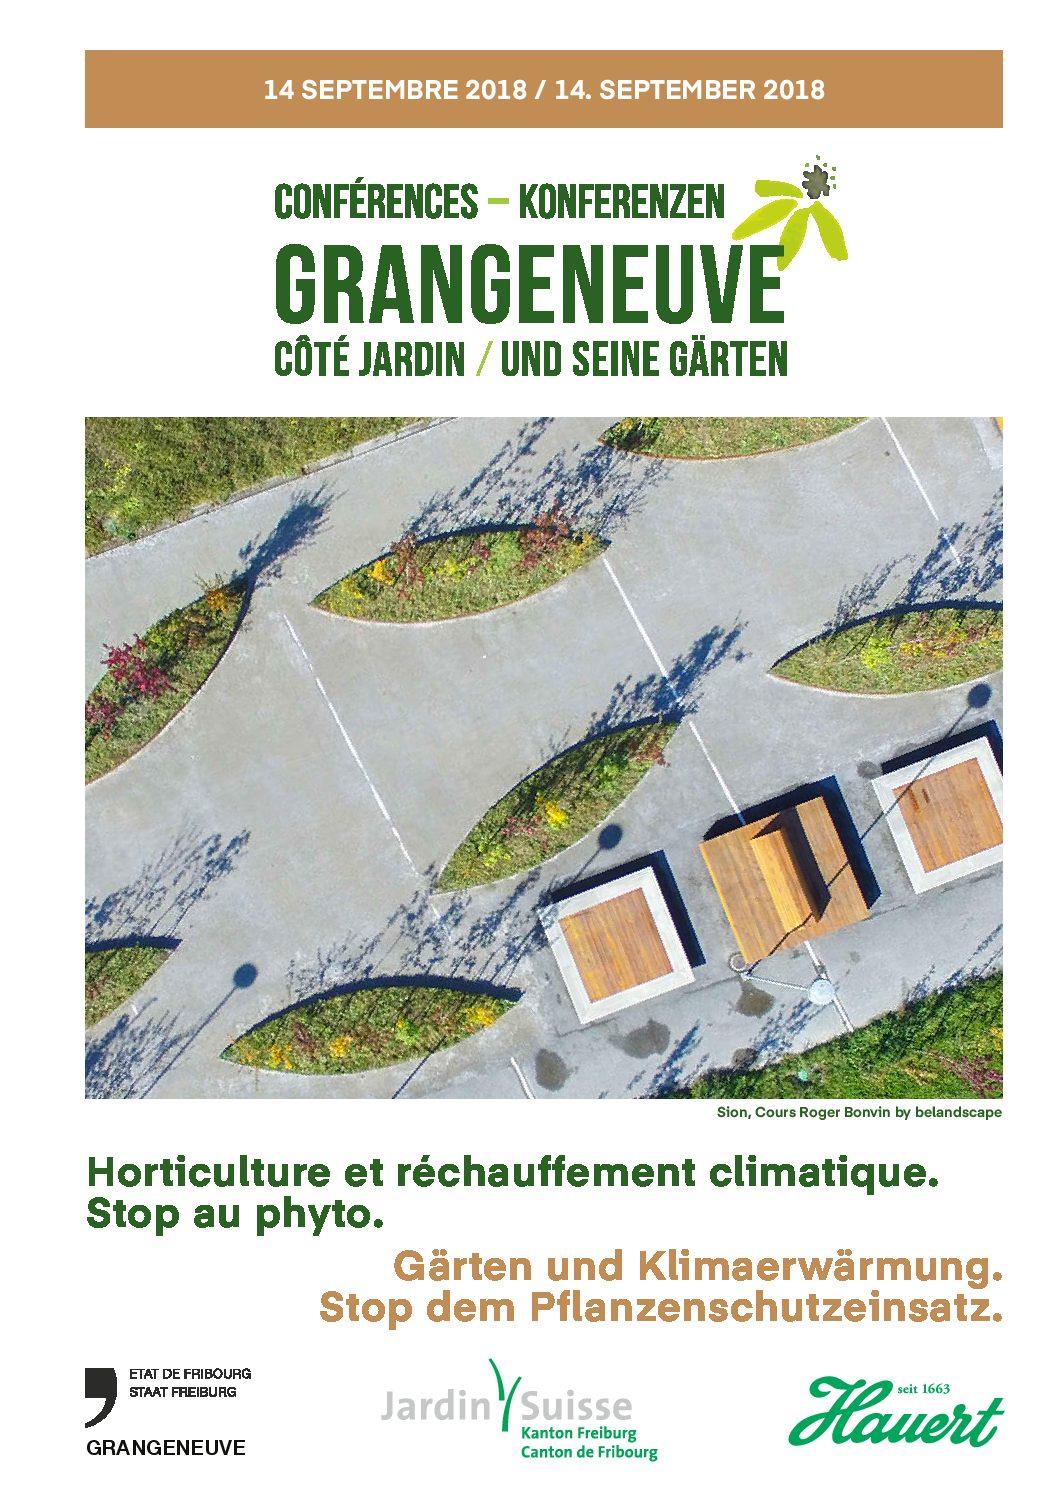 Conférence Grangeneuve – côté jardin: Horticulture et réchauffement climatique. Stop au phyto.